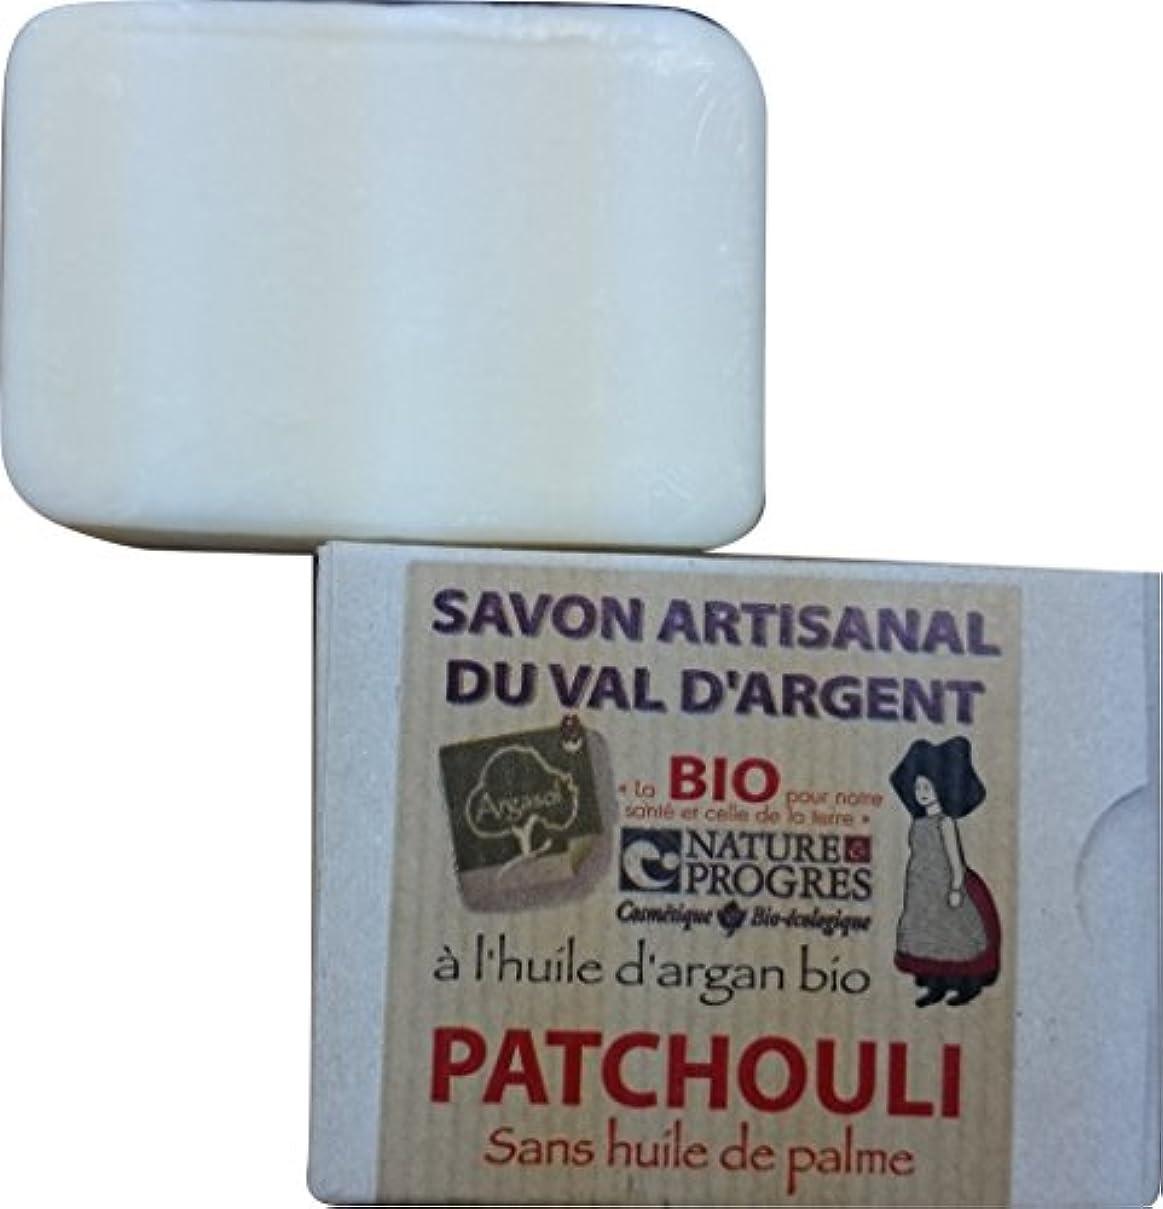 証明スナップシェルサボン アルガソル(SAVON ARGASOL) パチョリ